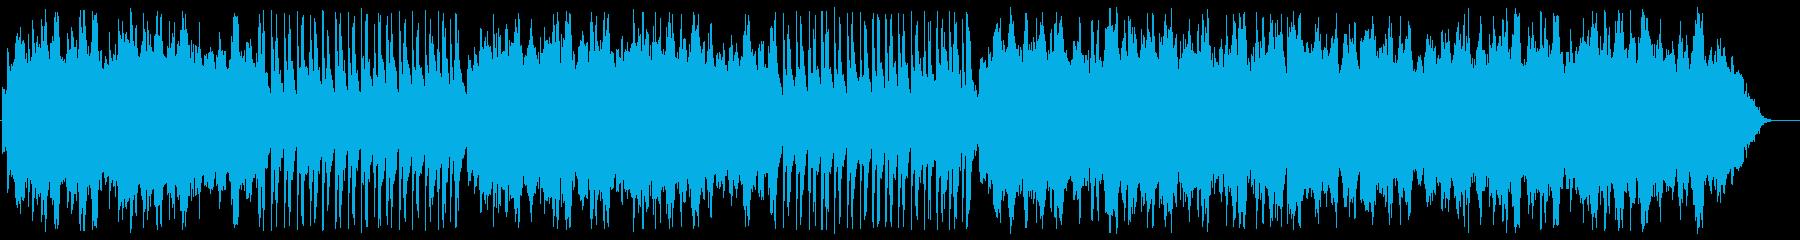 三隻の船 オルゴール&Str.の再生済みの波形